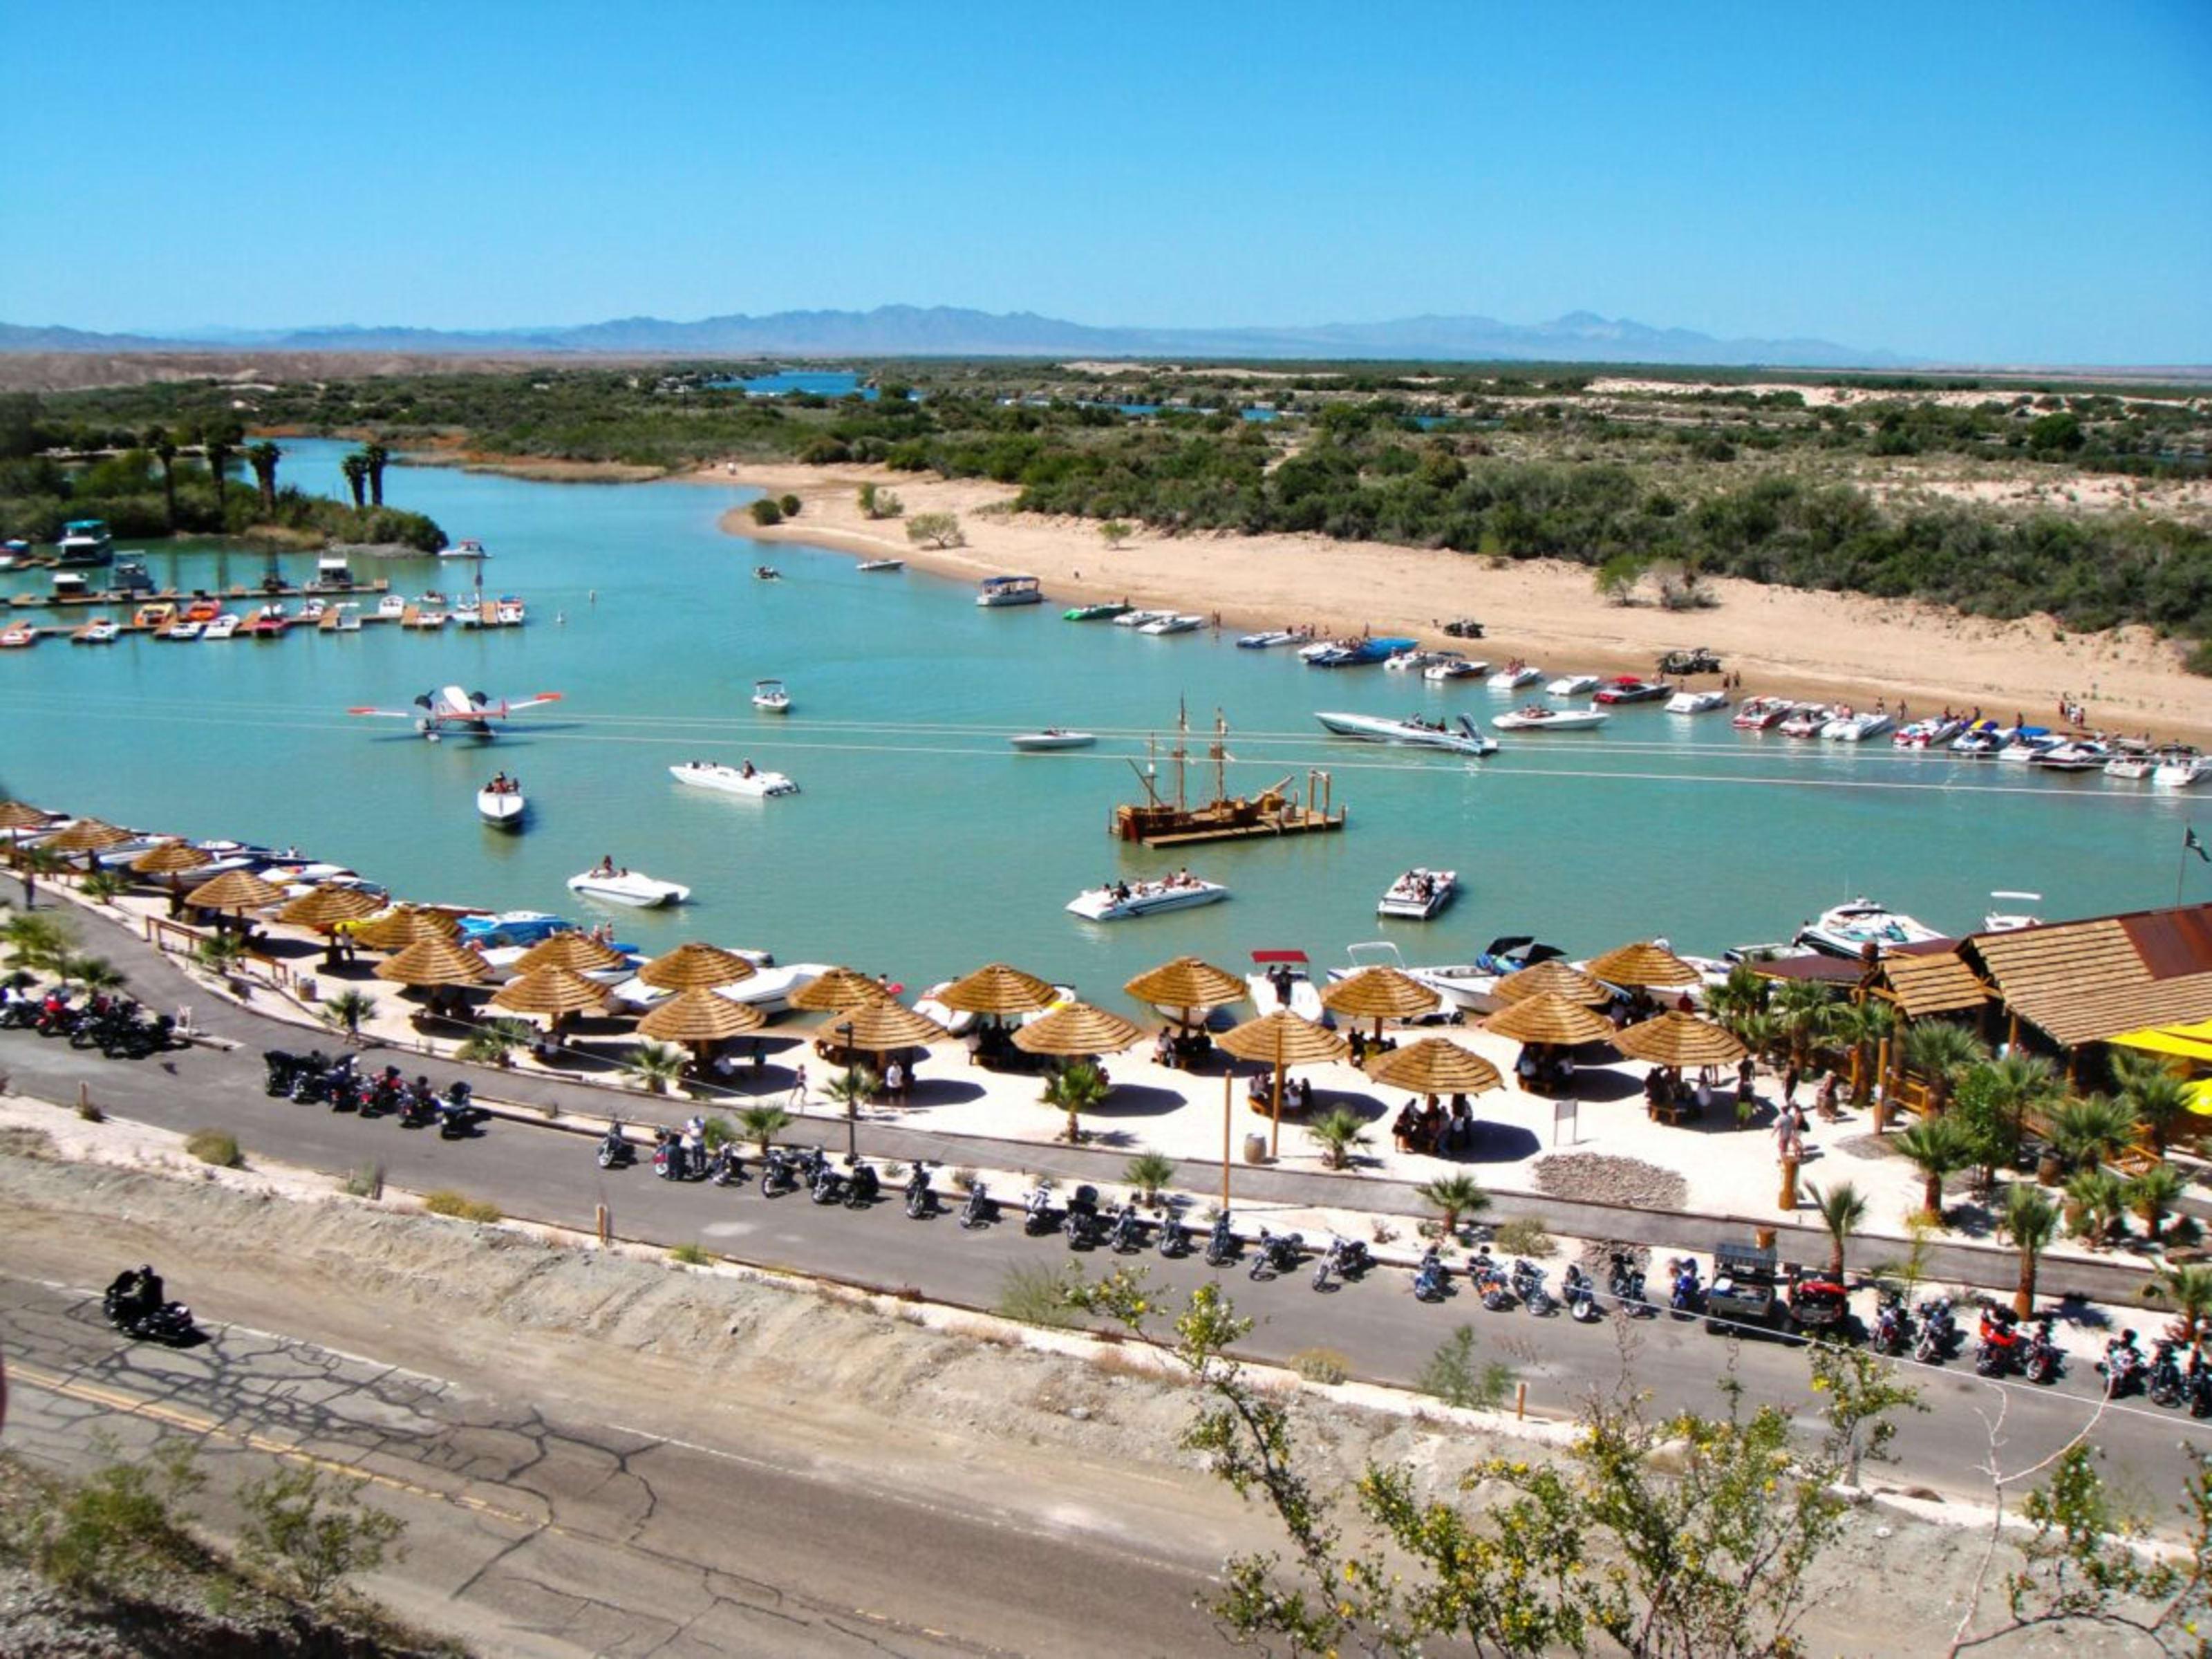 Pirate Cove Resort, Needles California